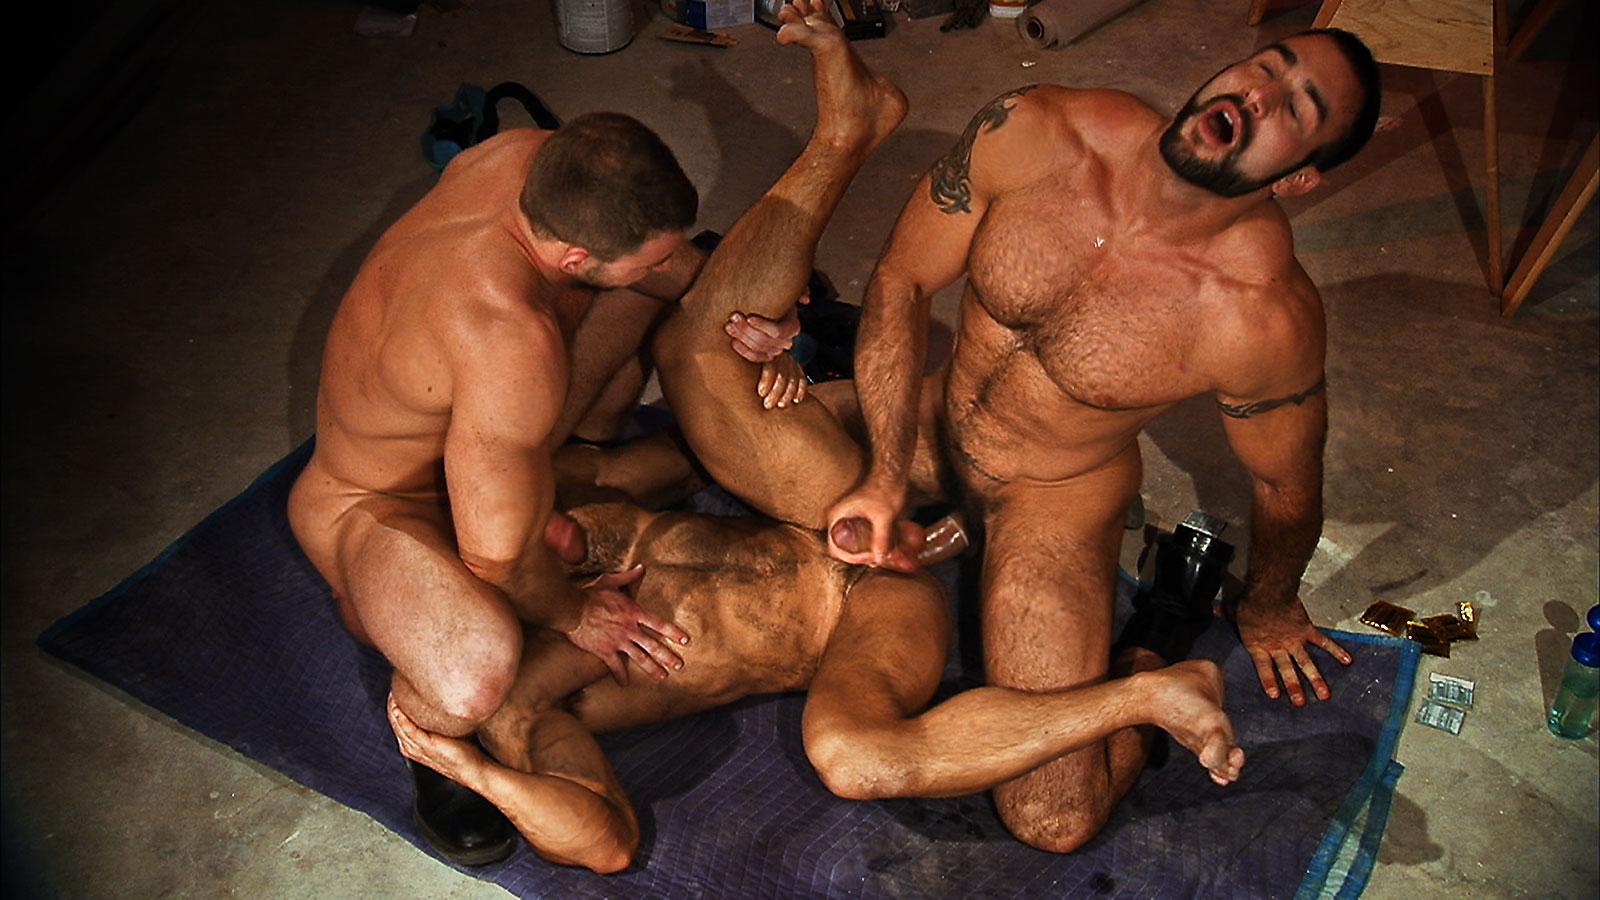 Incubus pornsites erotic pic